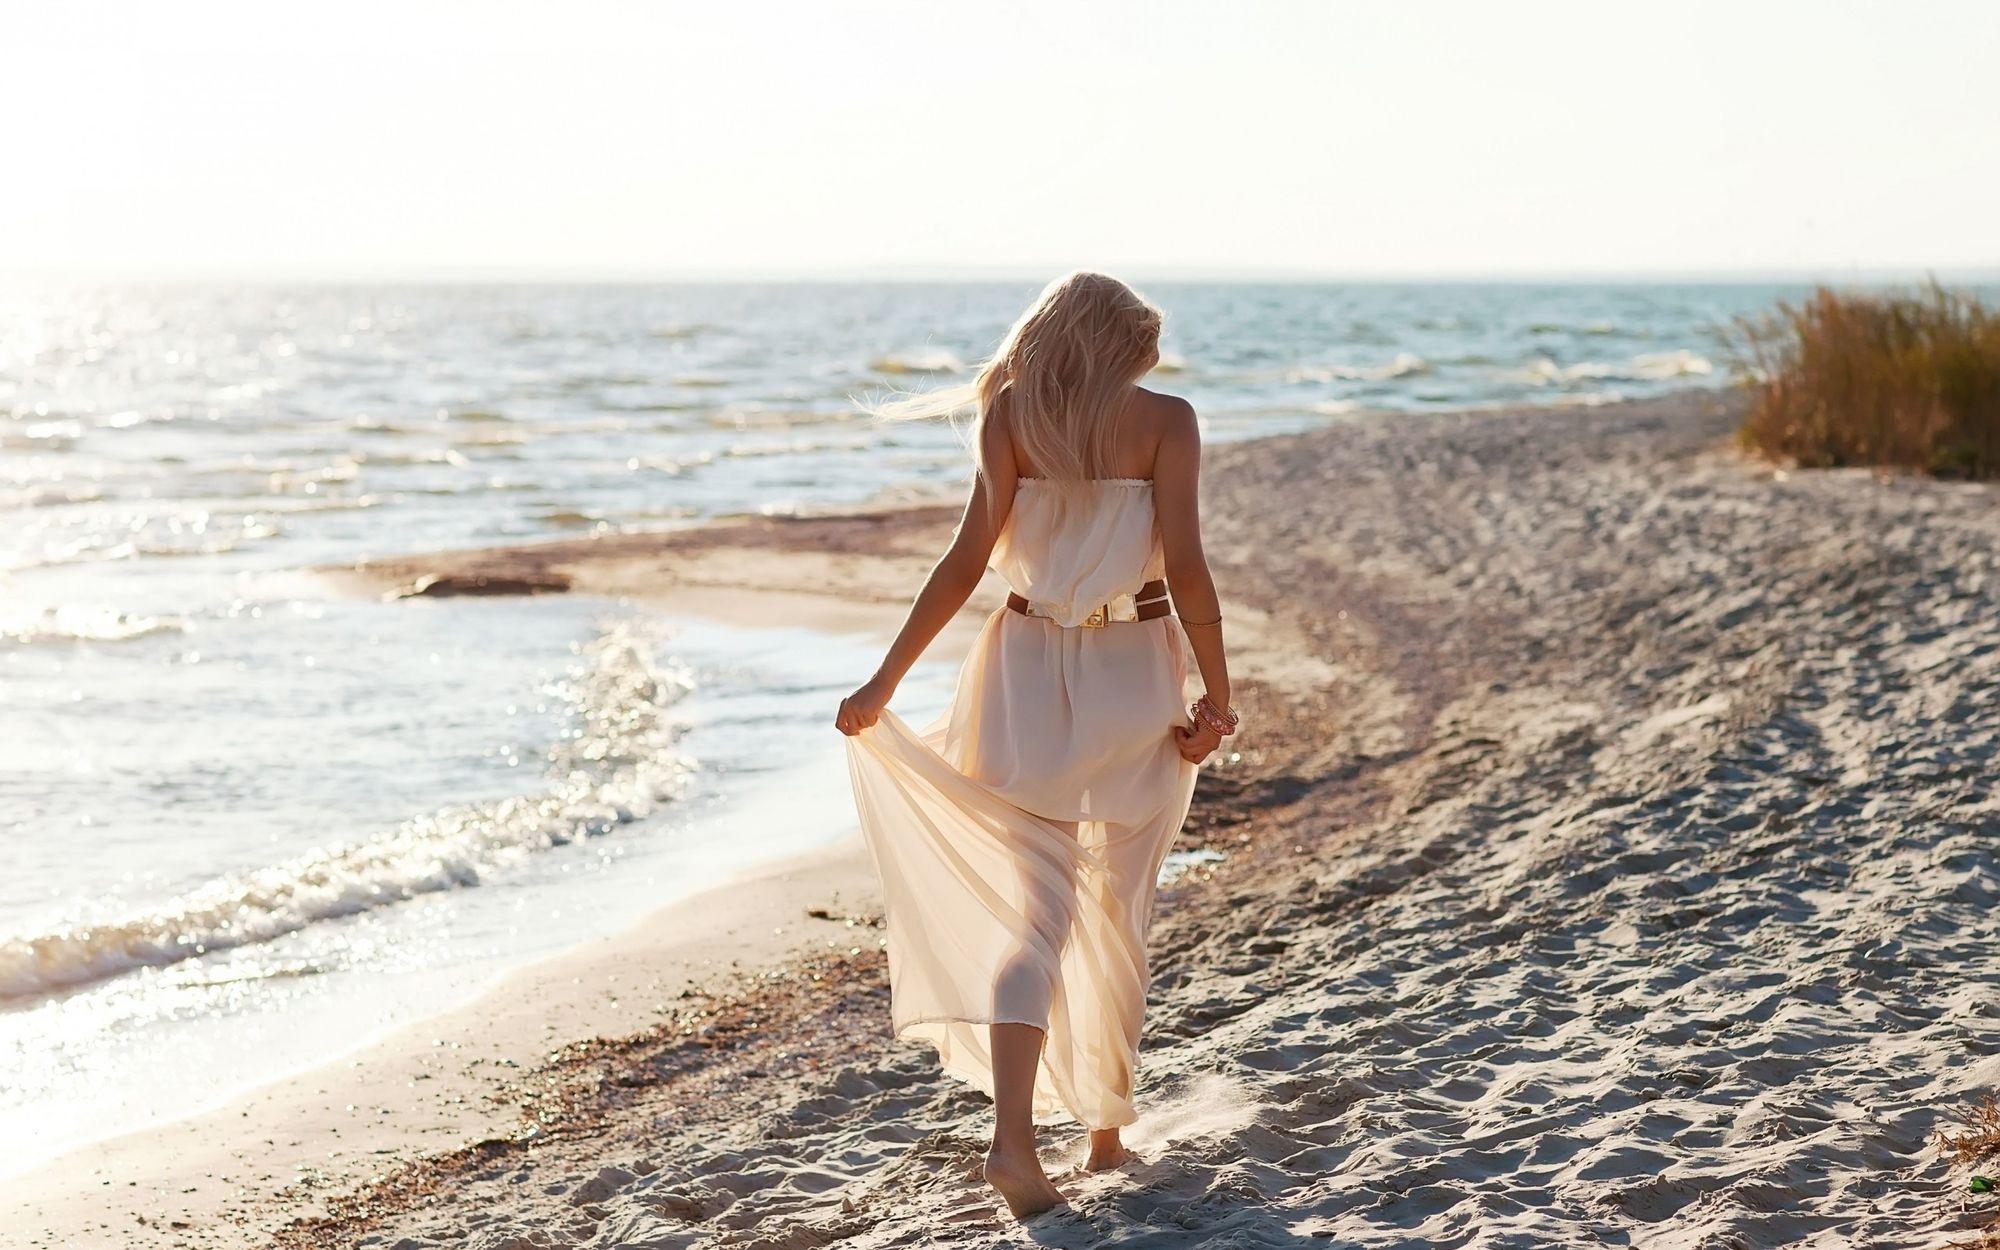 Stt về biển và em, stt hay về biển và anh lãng mạn nhất